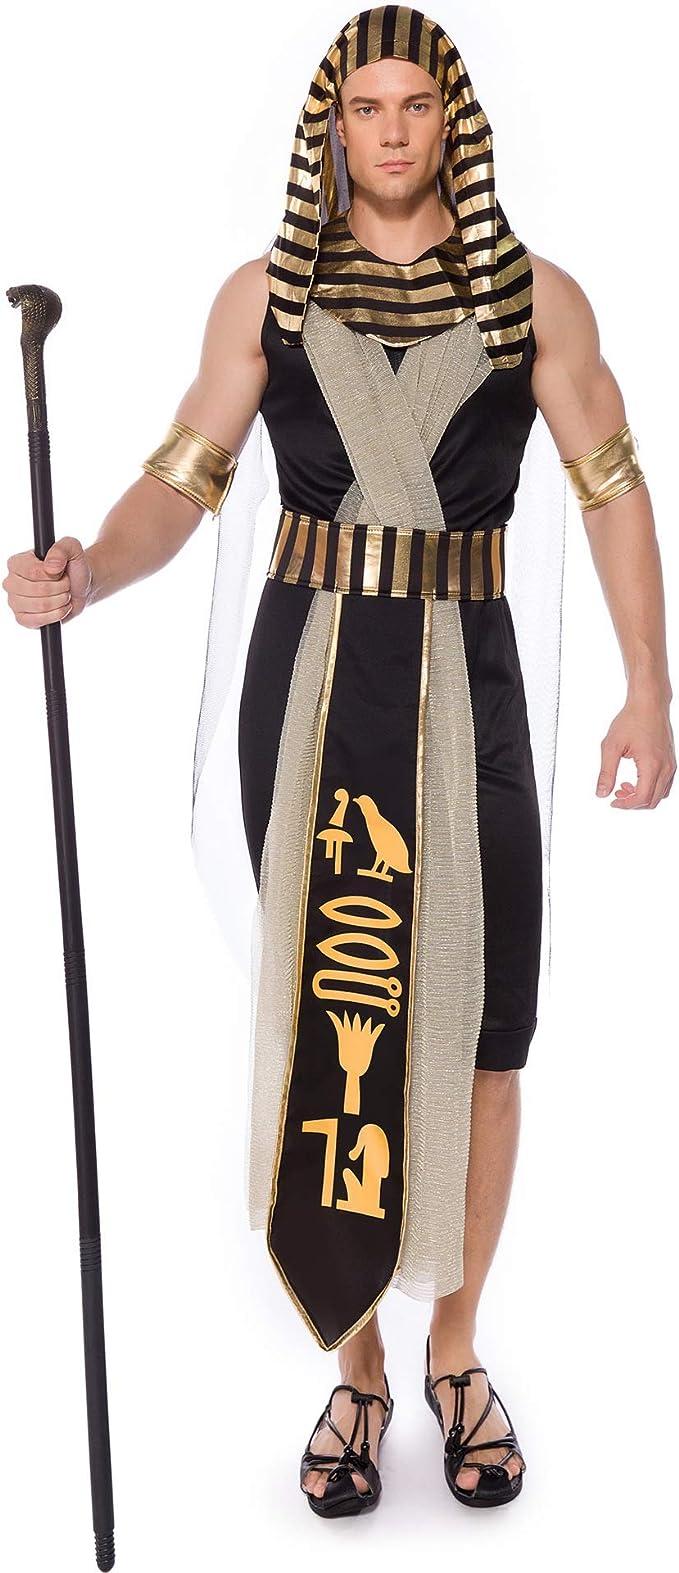 Disfraz De Cosplay King para Hombre, Faraón Egipcio Rey Traje ...